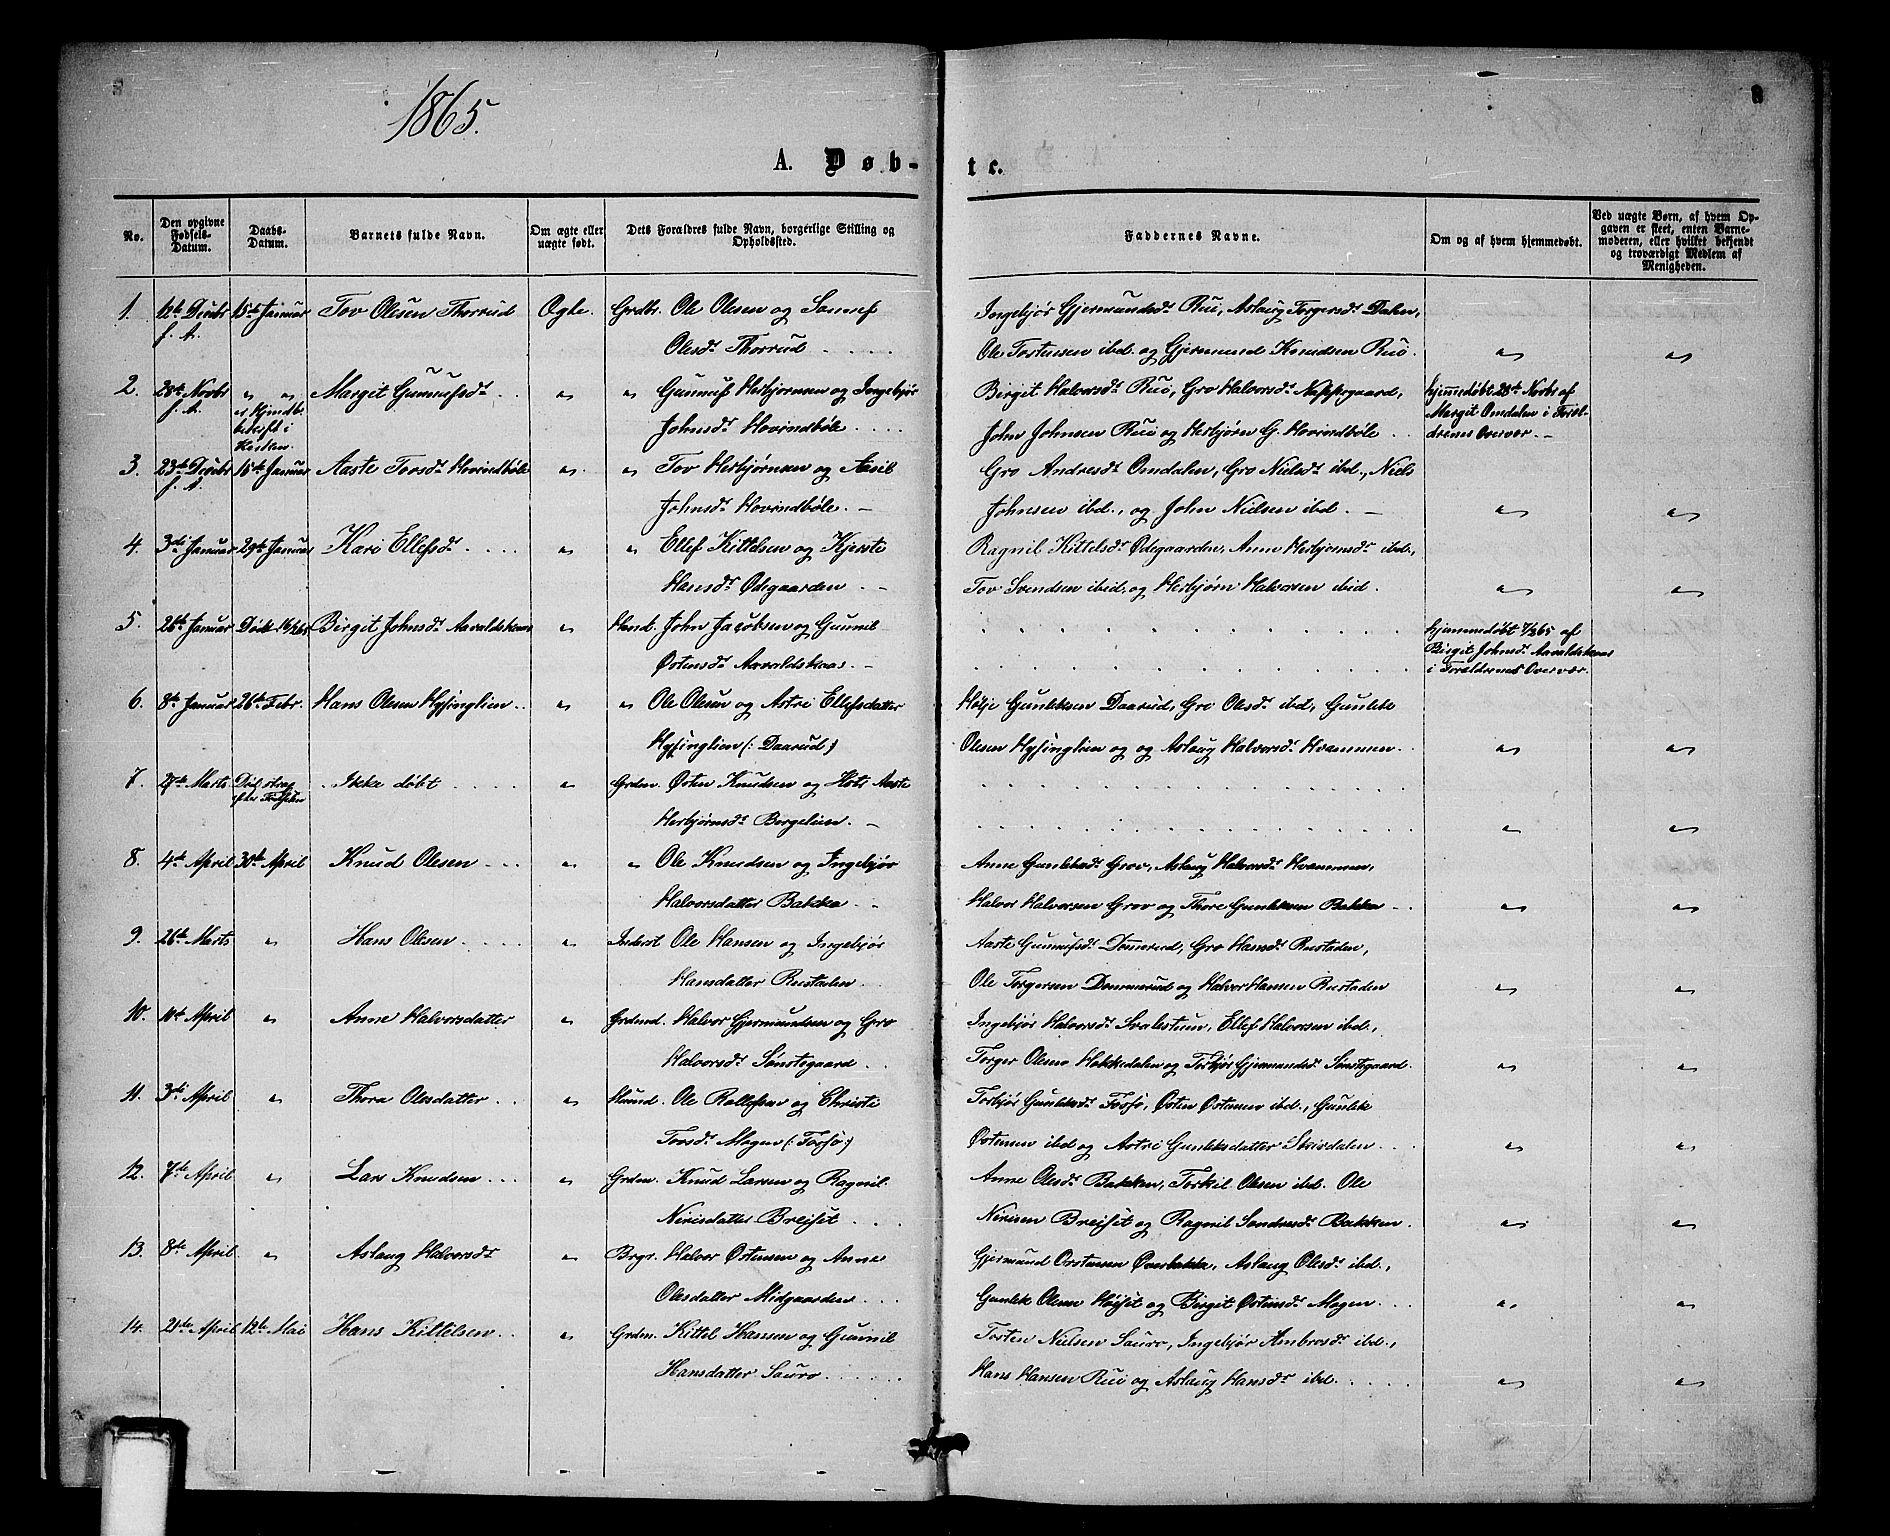 SAKO, Gransherad kirkebøker, G/Gb/L0002: Klokkerbok nr. II 2, 1860-1886, s. 8